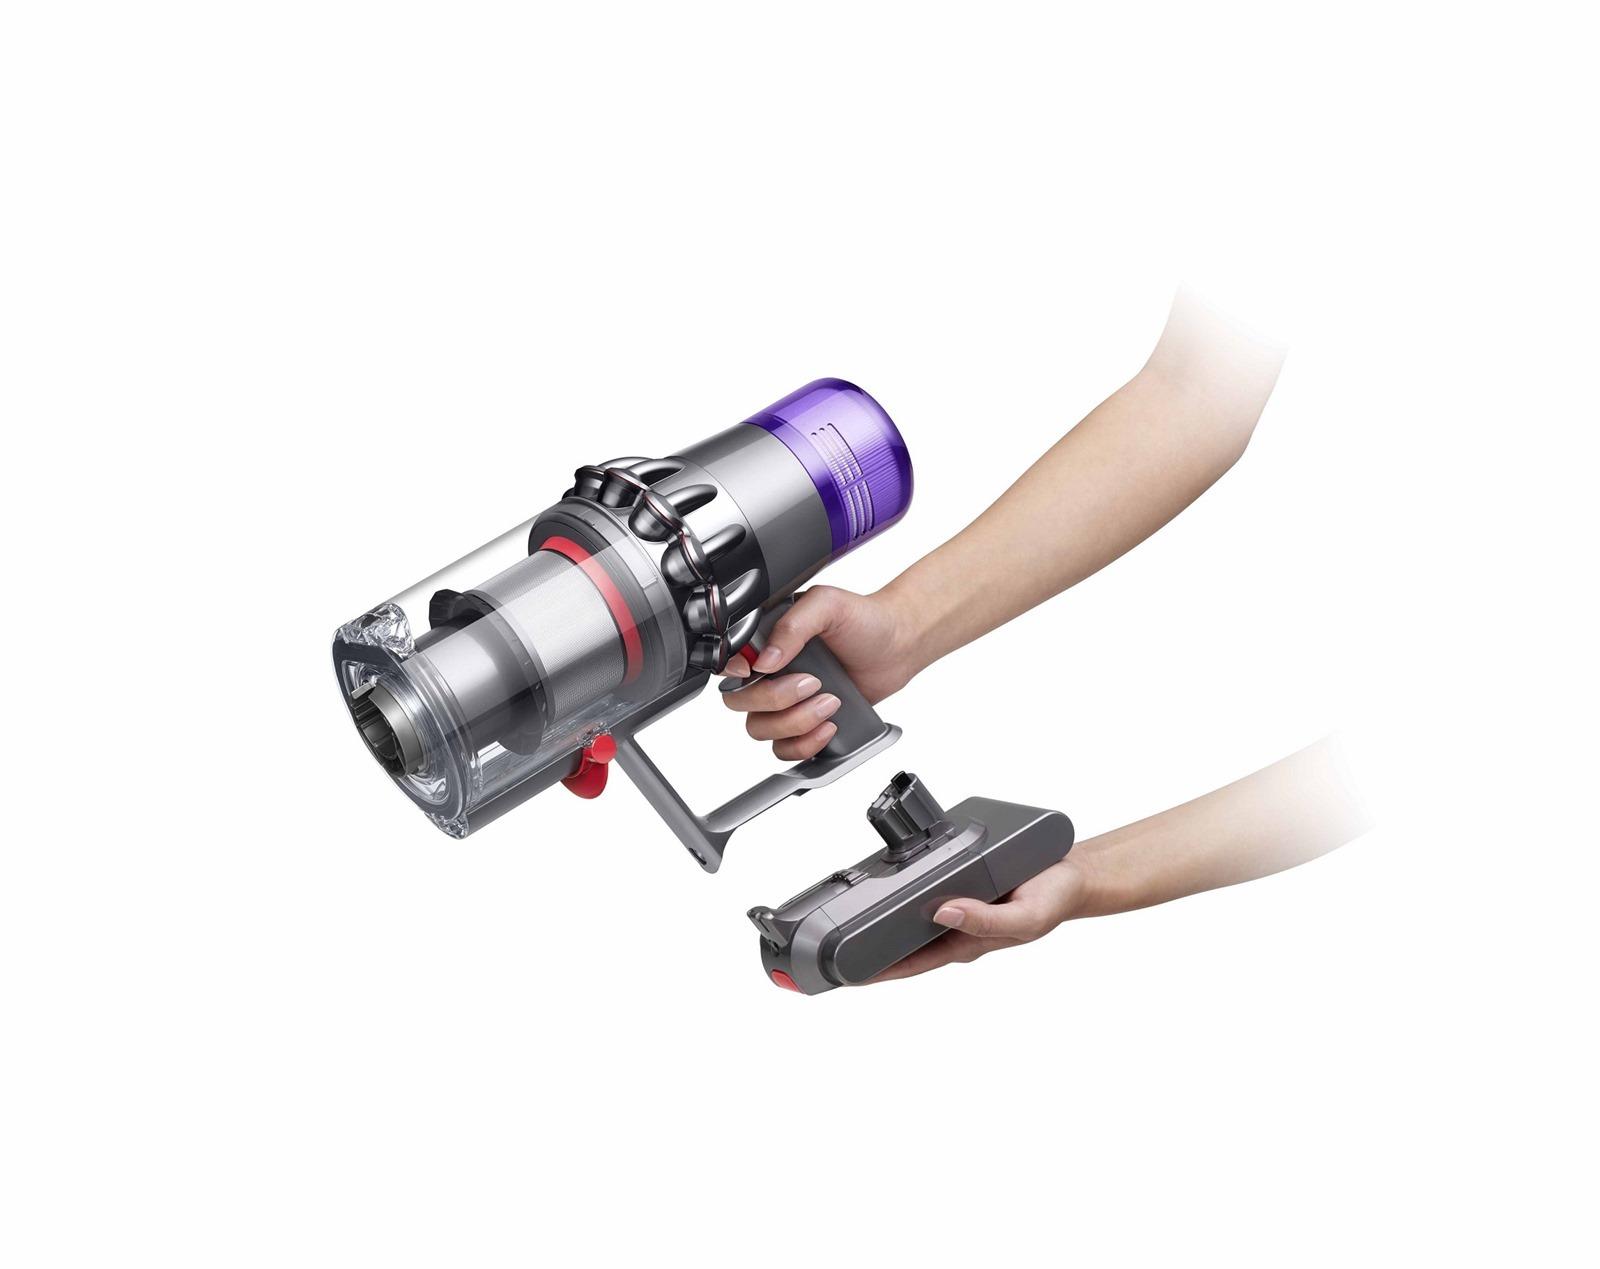 新一代 Dyson V11 吸塵器在台發表!全新可替換電池設計 節能模式下可達 120 分鐘強勁續航力 @3C 達人廖阿輝